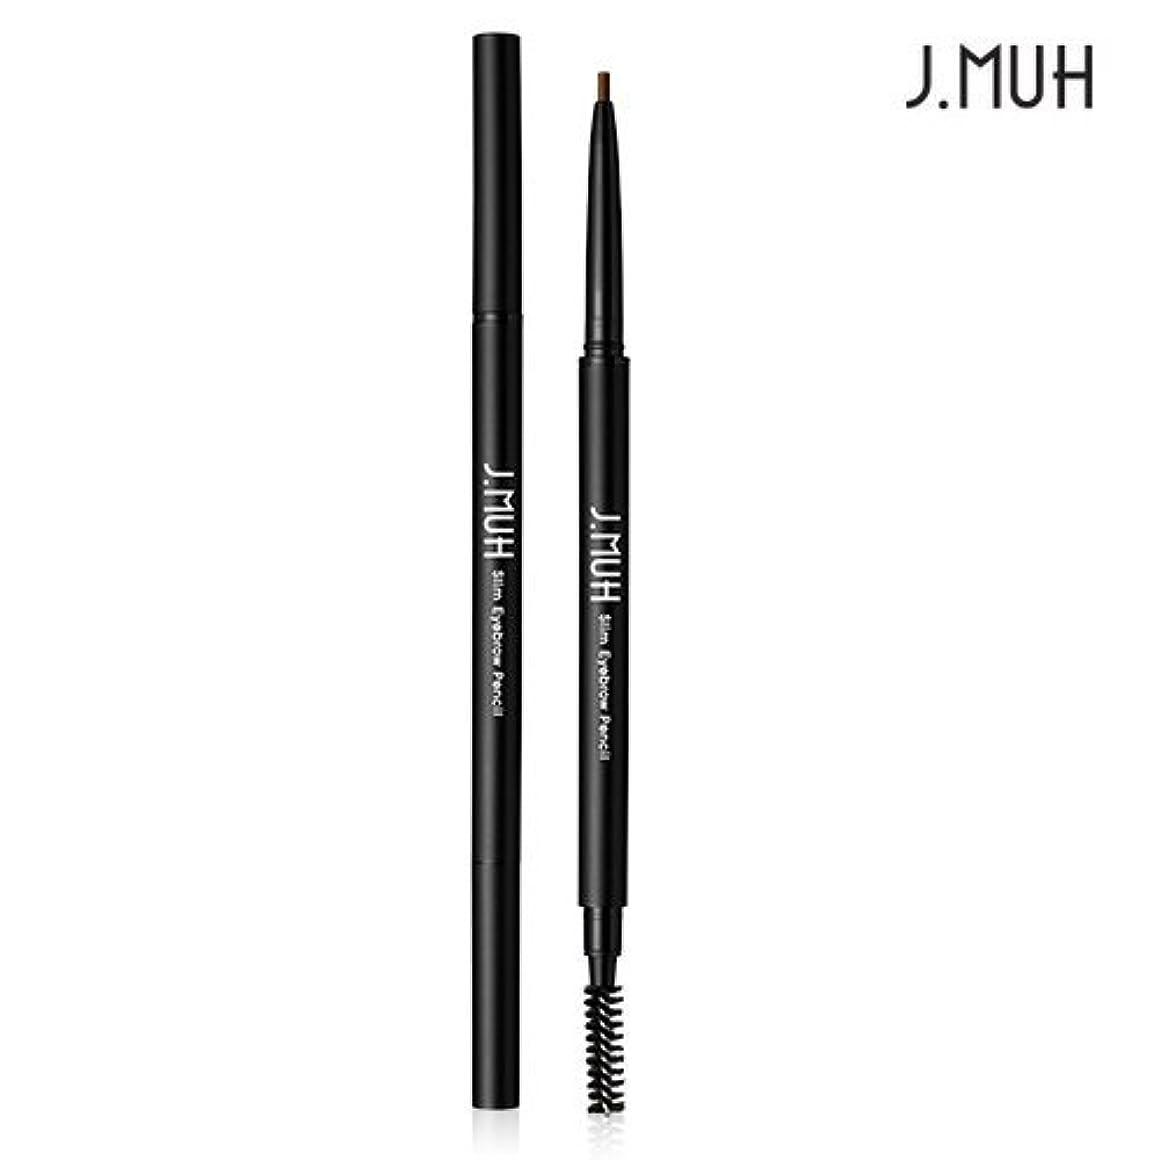 パンフレット意図的群れJ.MUH Slim Eyebrow Pencil (No.5 Deep Brown) / ジェイミュー スリムアイブロウペンシル 0.1g [並行輸入品]